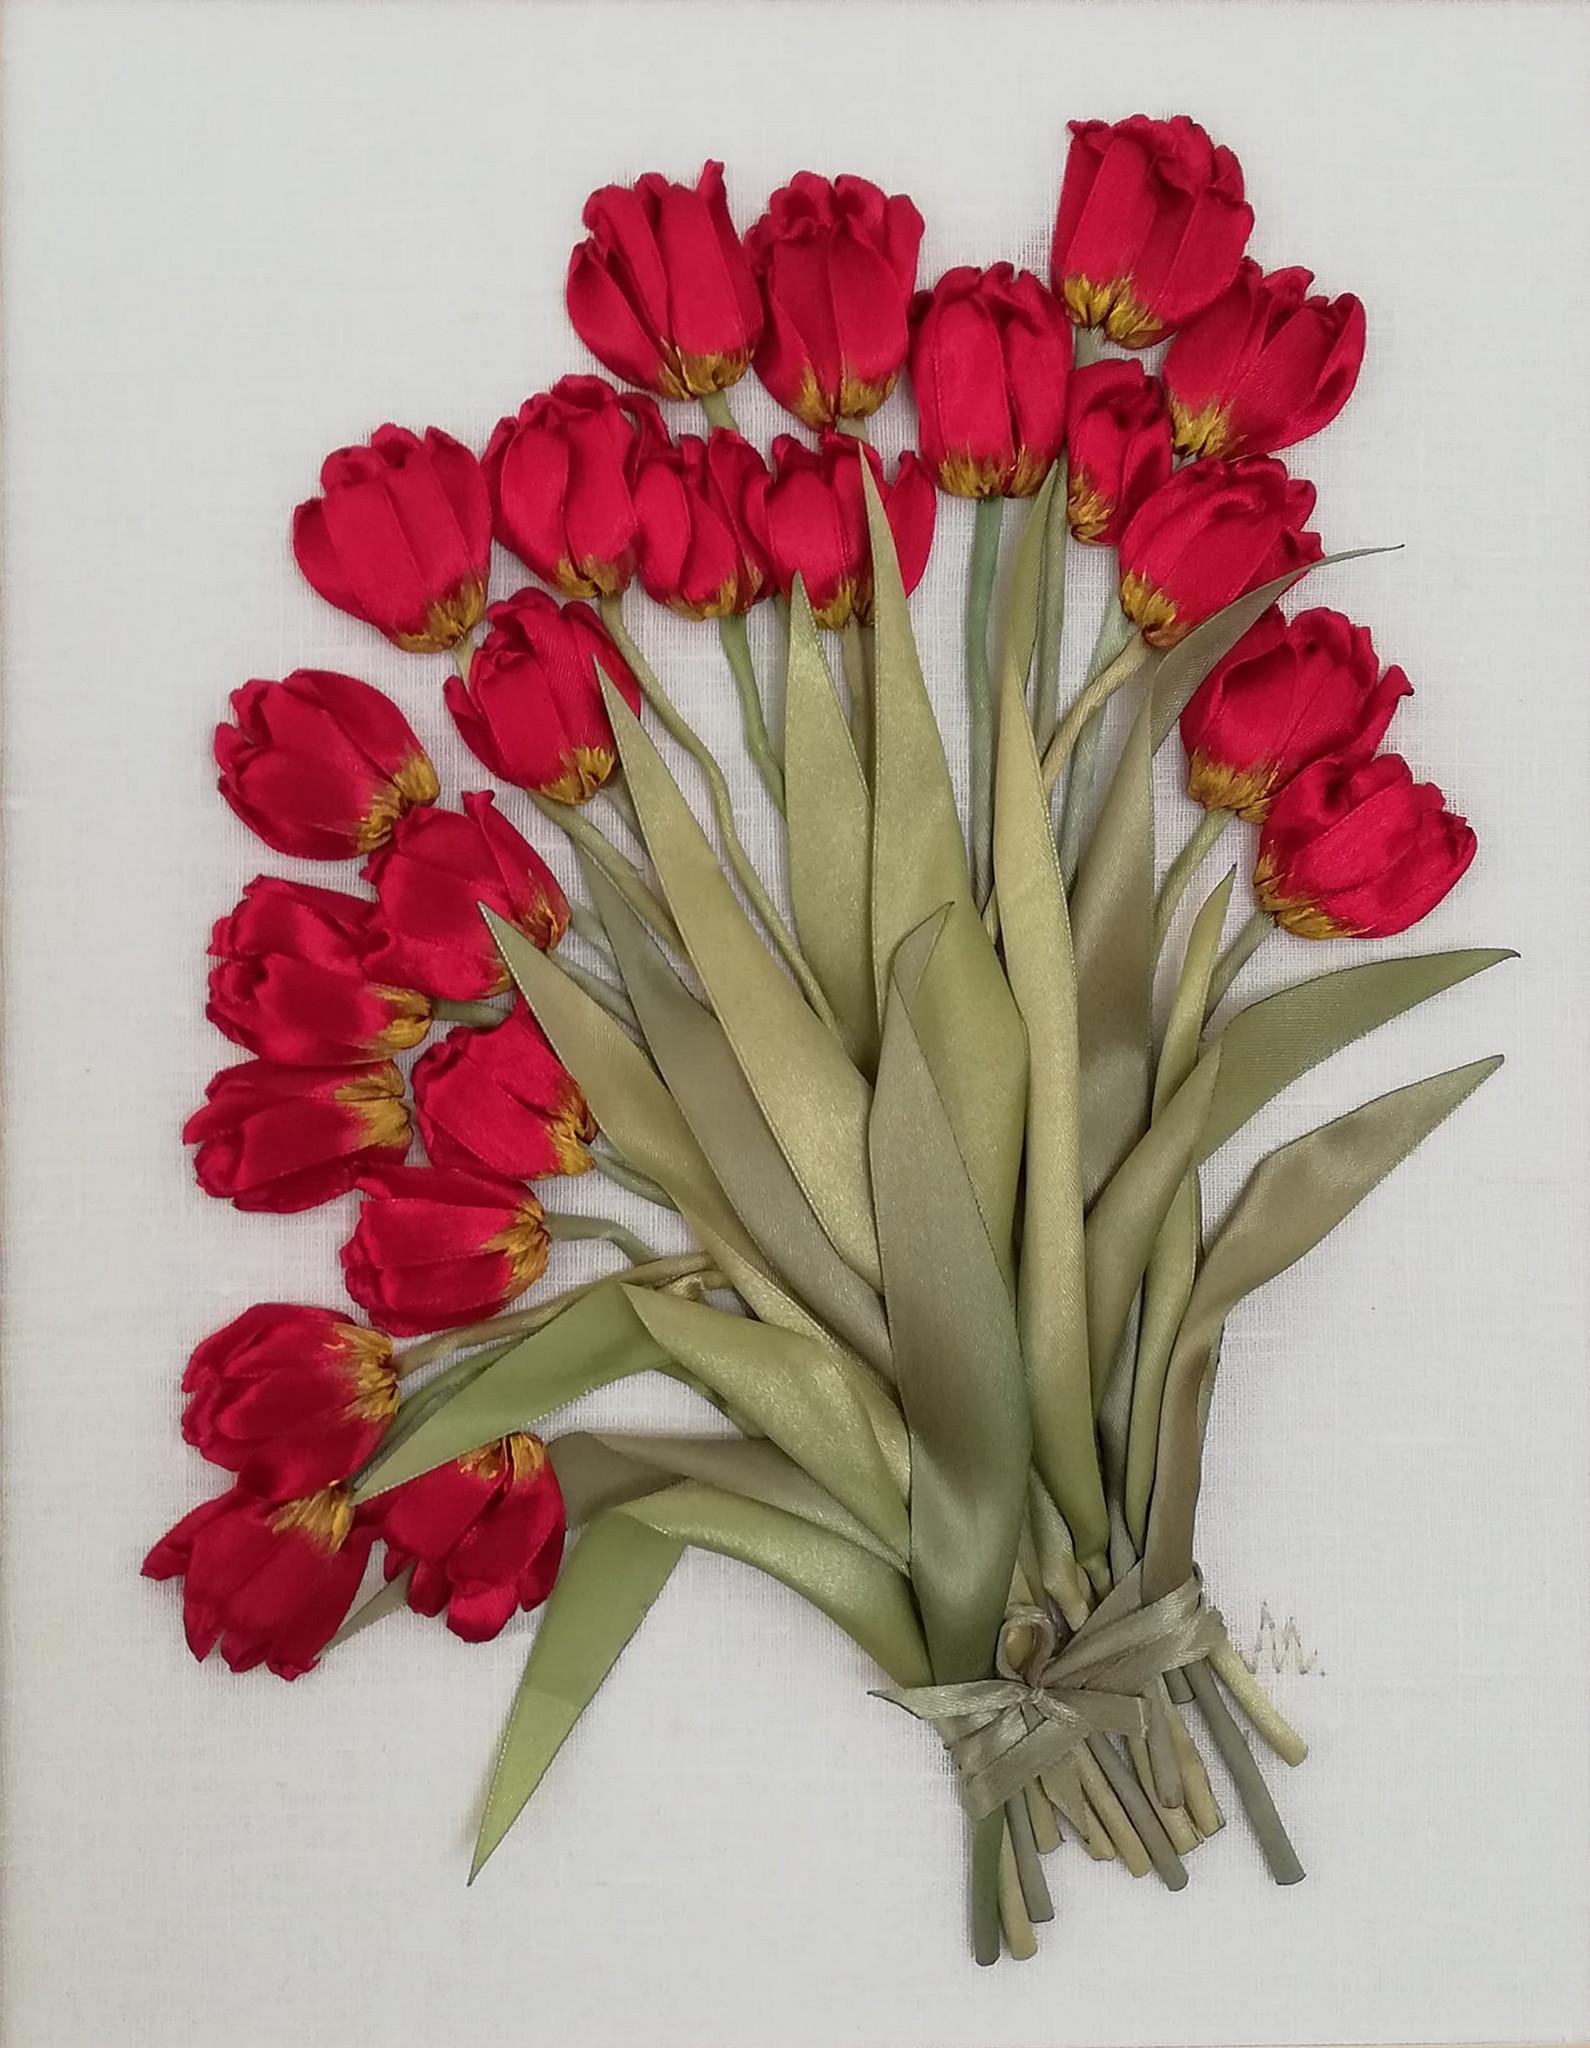 Na obrazku znajdują się czerwonki kwiatki z zielonymi łodygami.